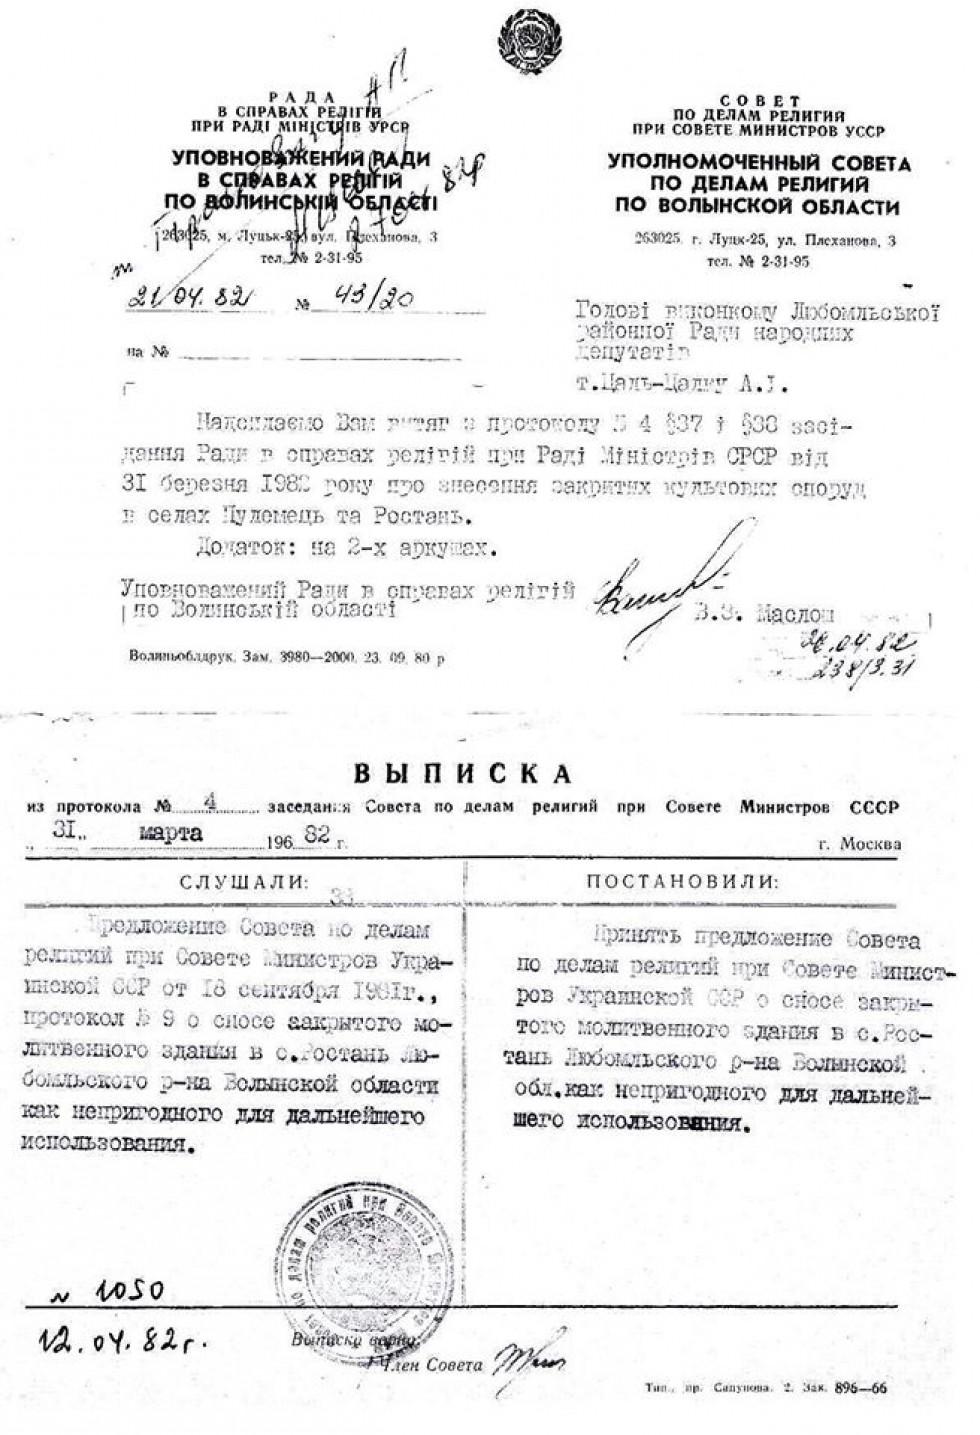 Лист, в якому інформація про знищення храму у селі Ростань. 1982 рік